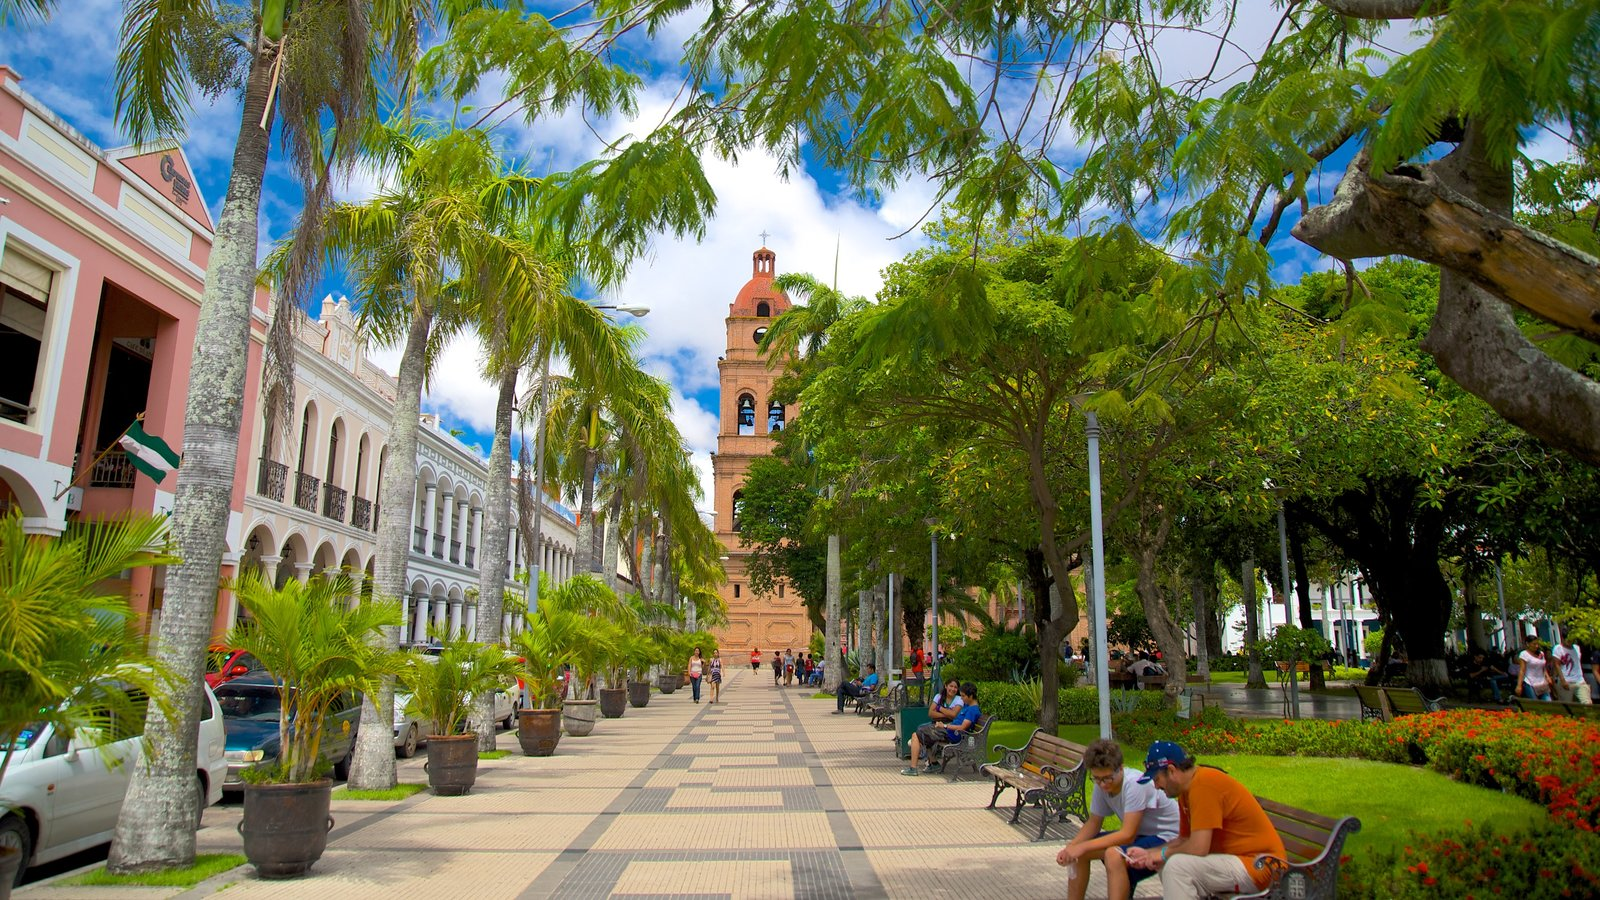 Catedral de San Lorenzo que inclui um parque